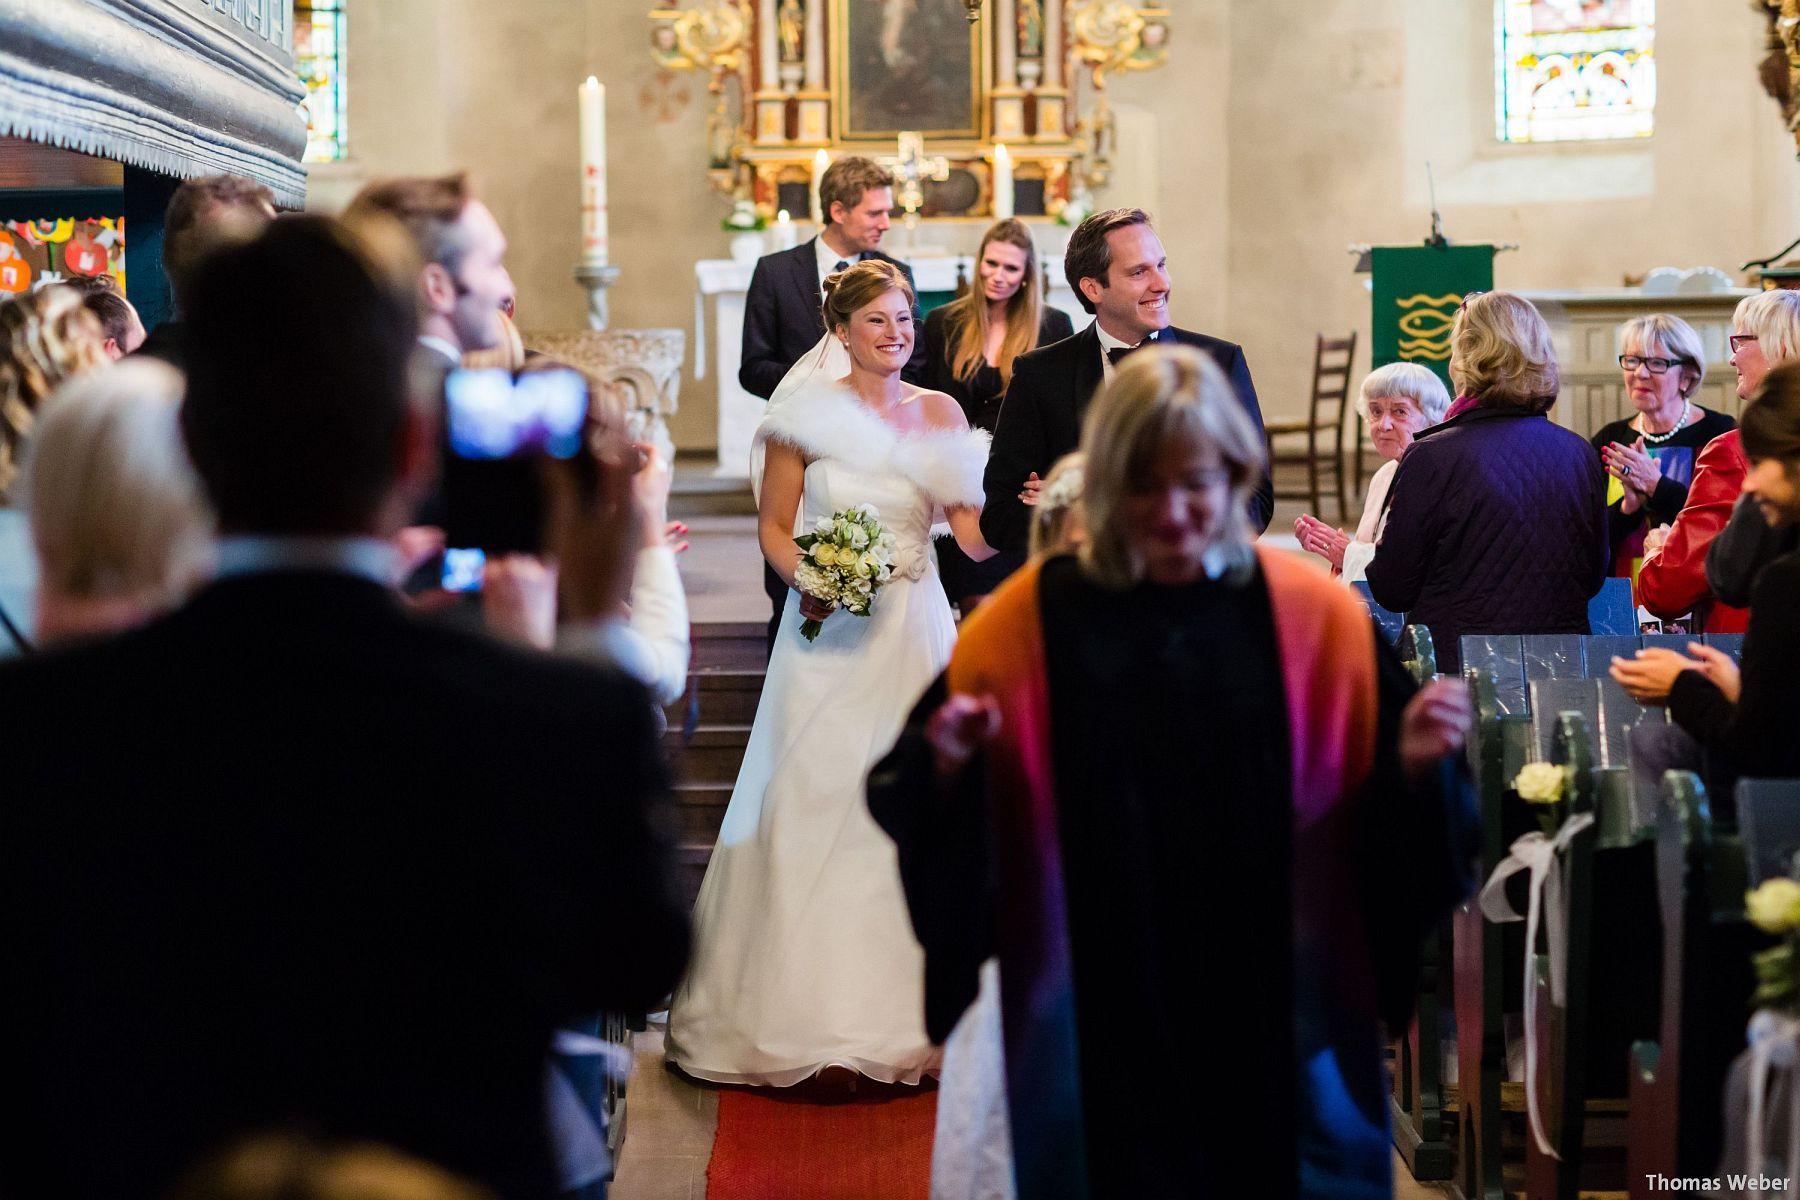 Hochzeitsfotograf Rastede: Kirchliche Trauung in der St. Ulrichs Kirche Rastede und Hochzeitsfeier in der Eventscheune St Georg Rastede mit dem Catering von Split Food (Michael Niebuhr) aus Oldenburg (31)